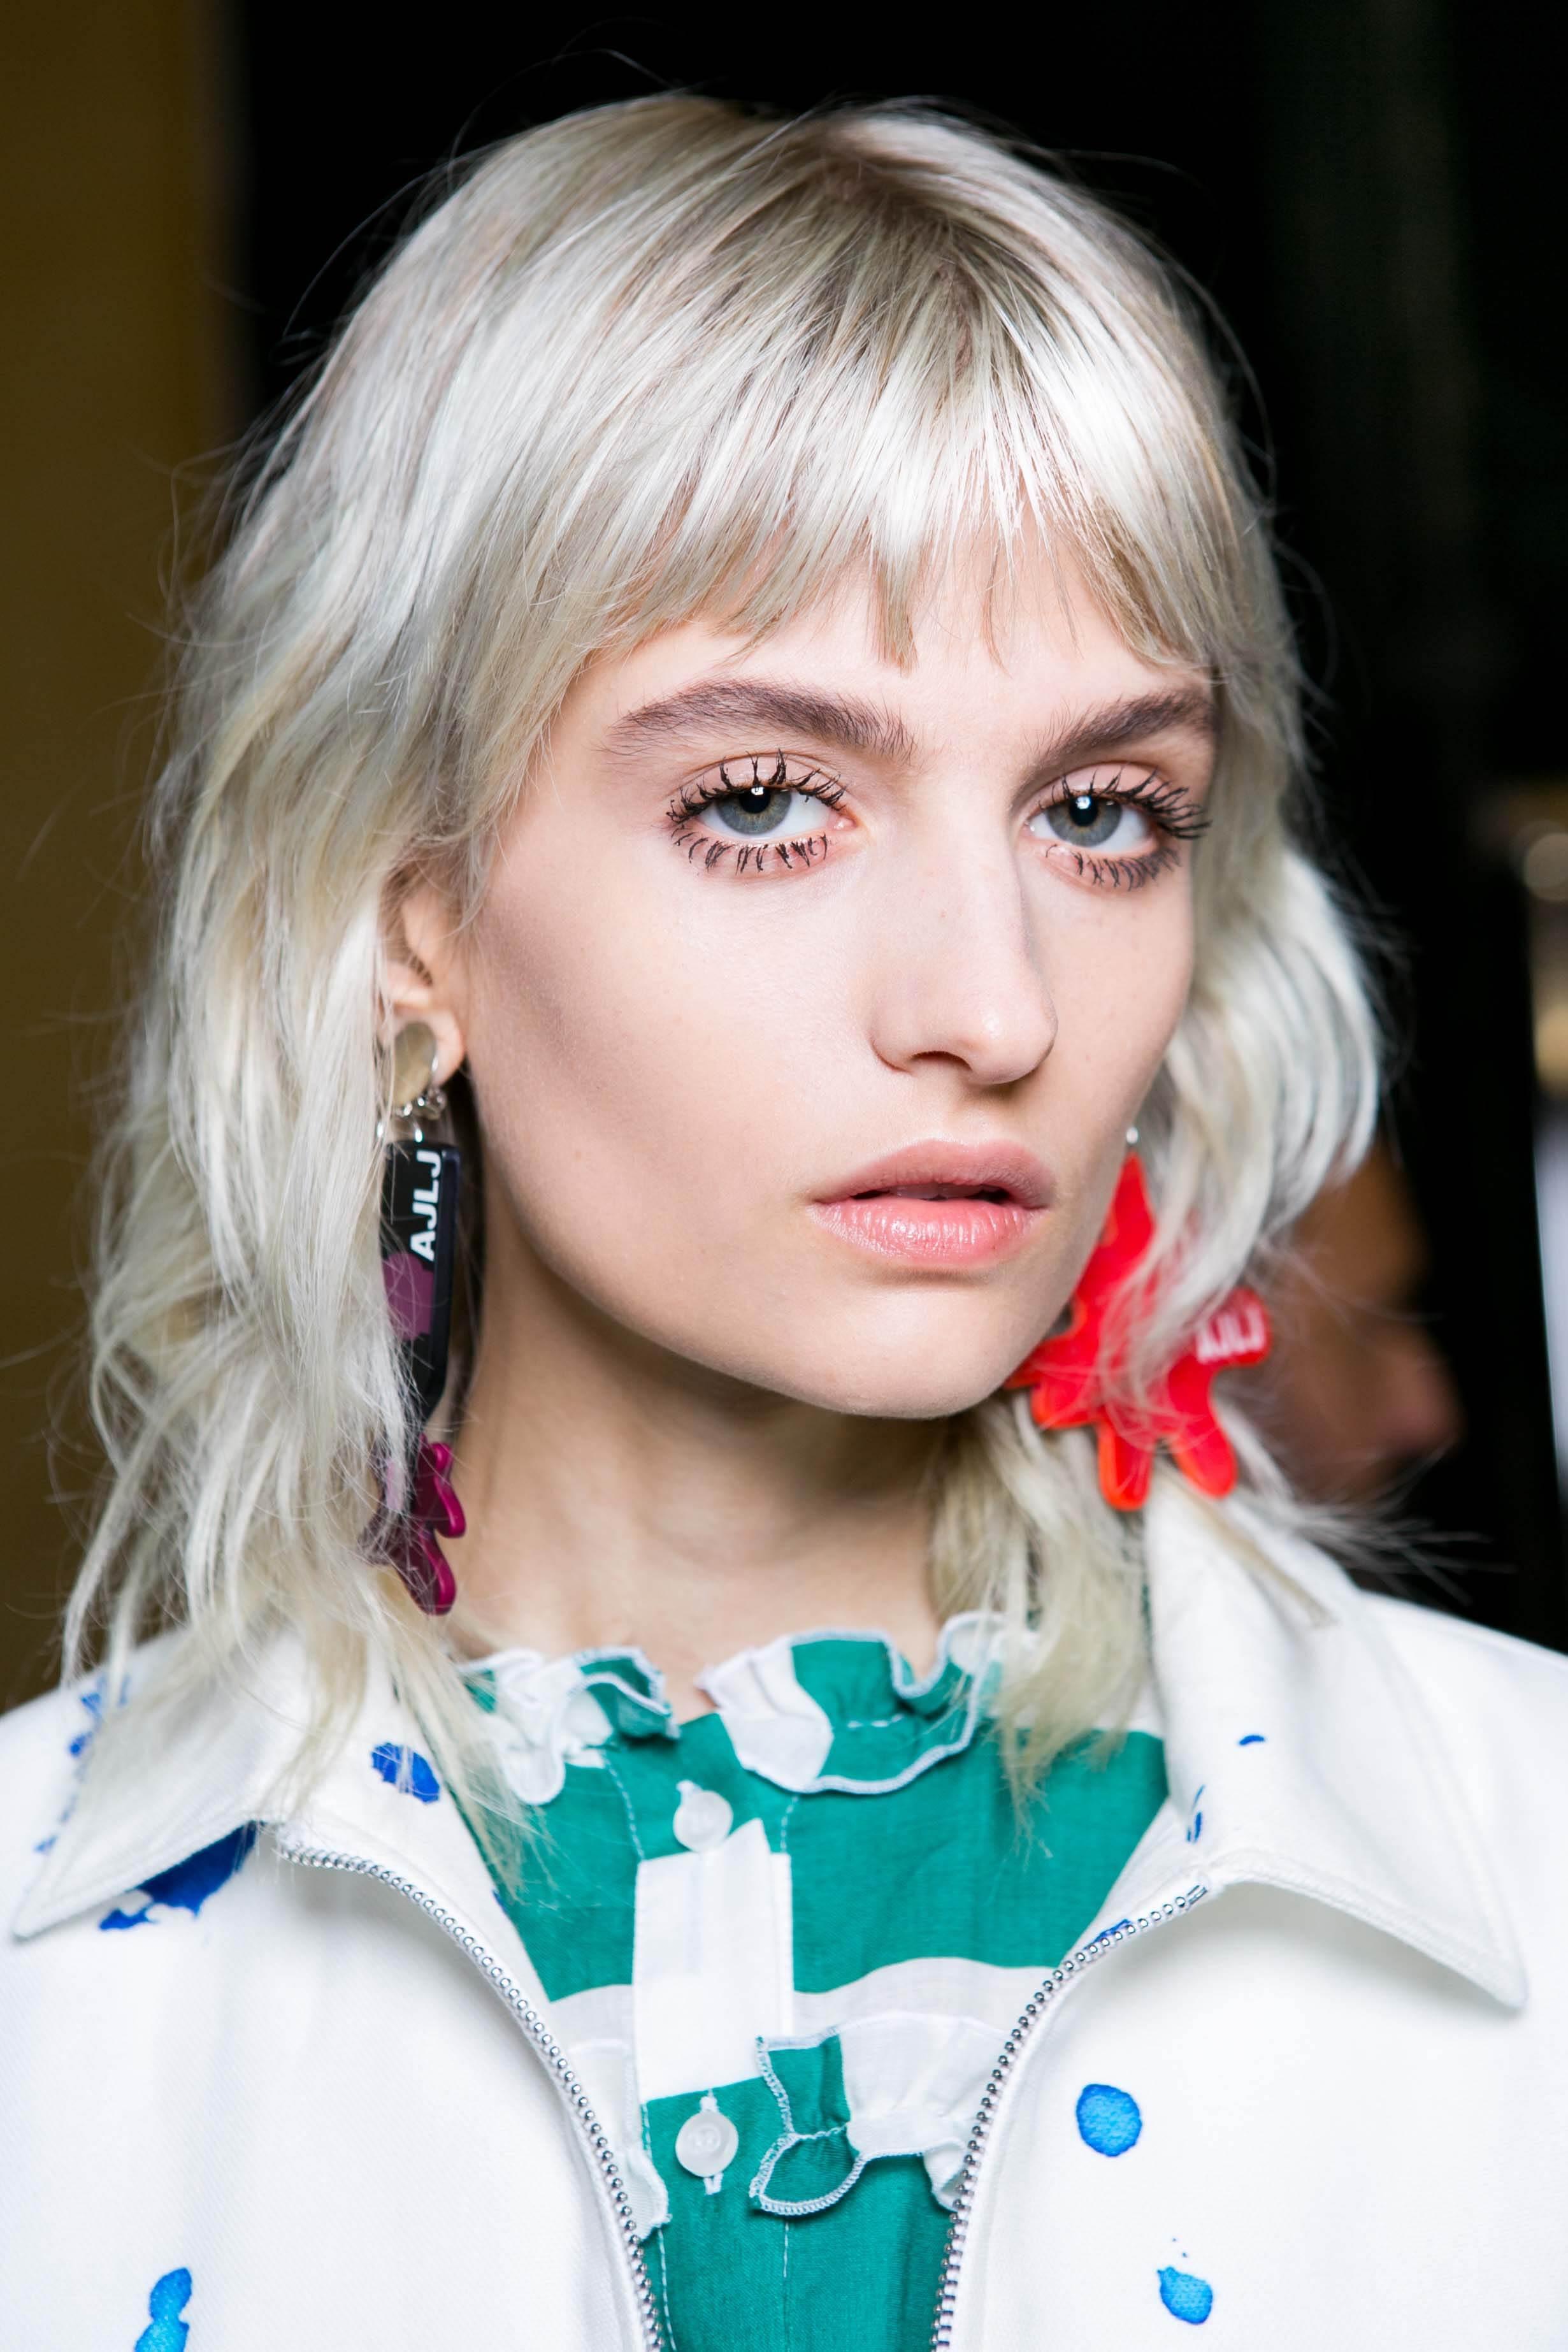 Woman with icy blonde shag cut hair bleaching